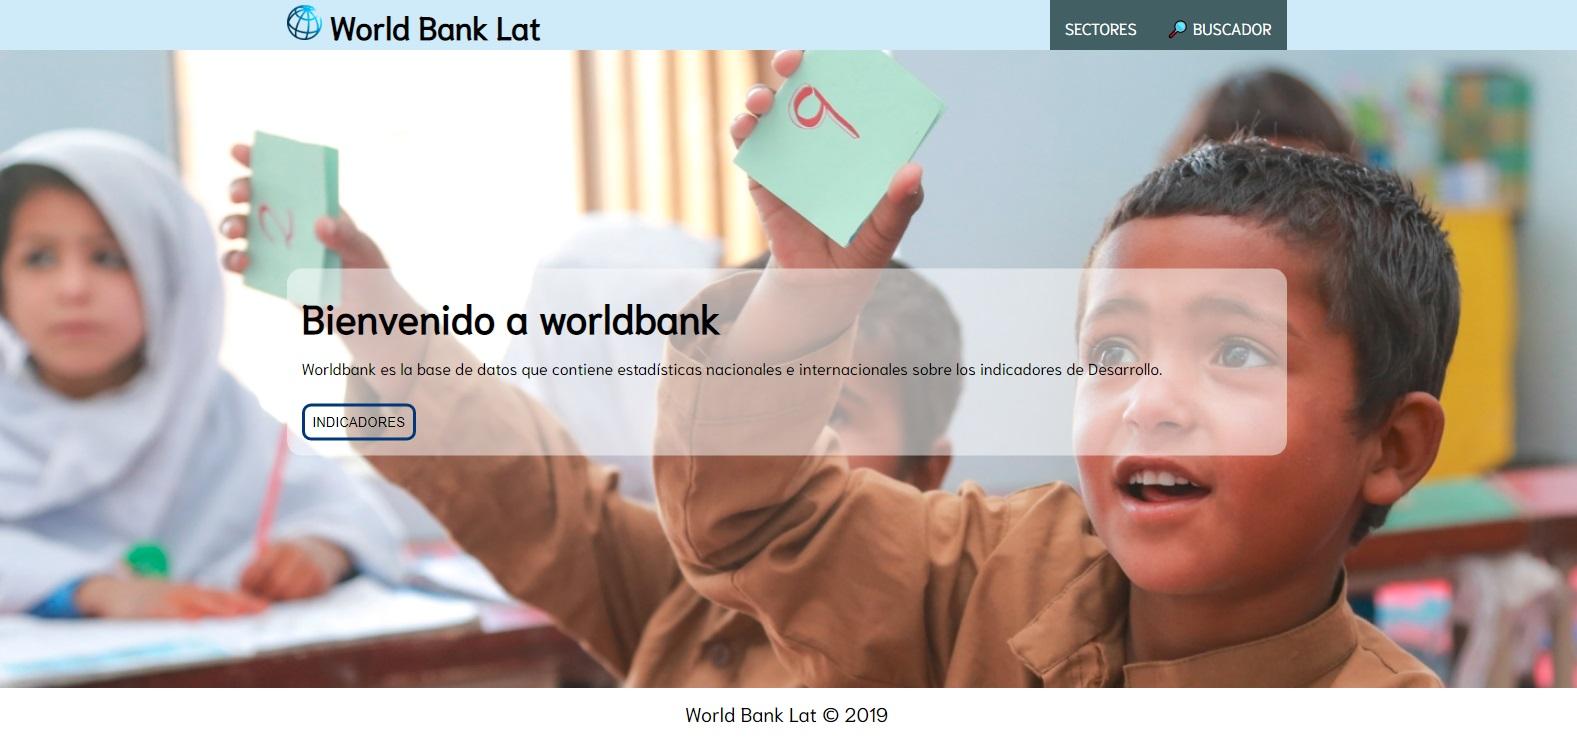 World Bank Lat.